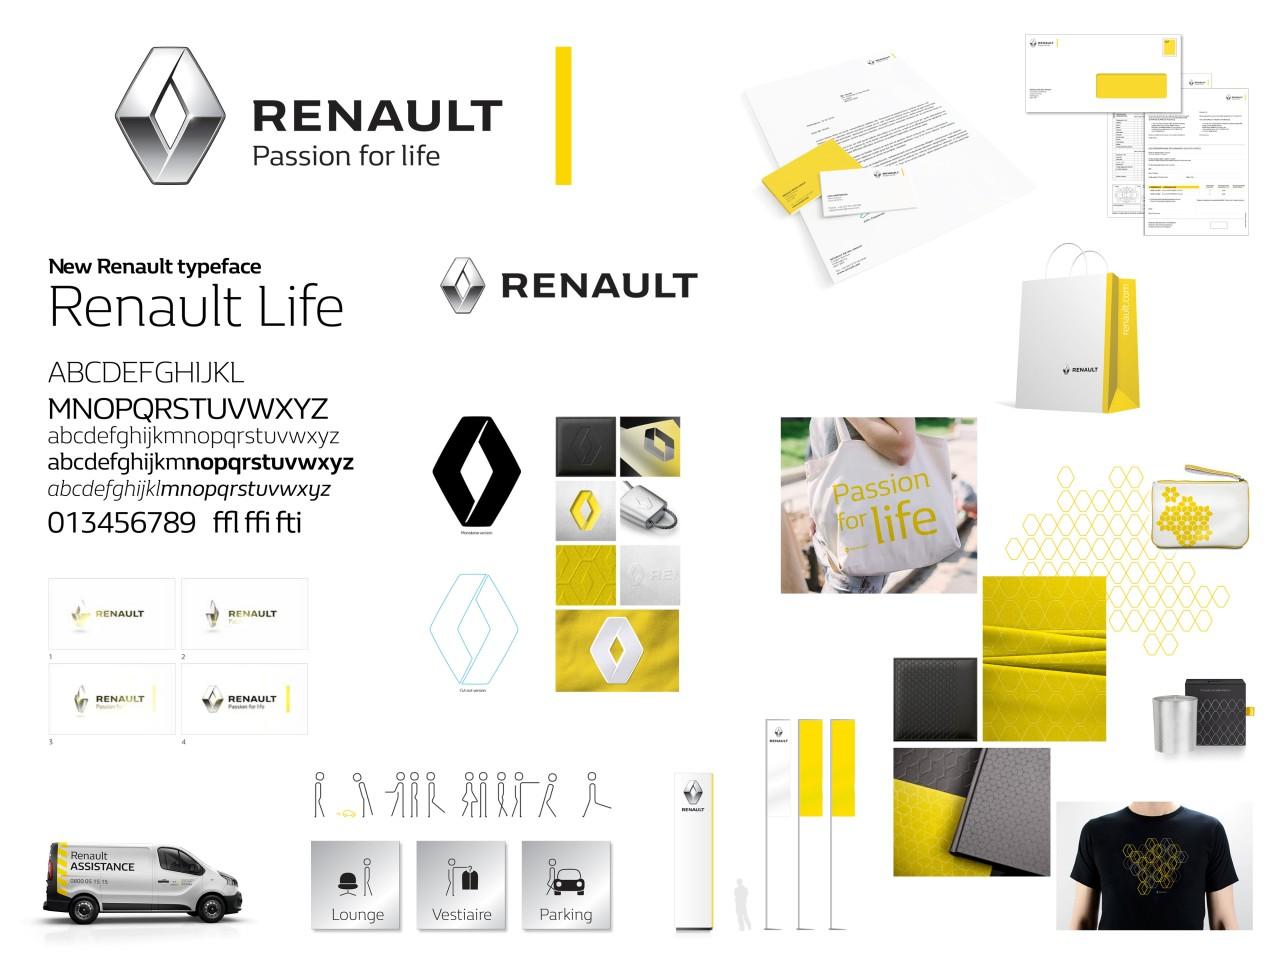 Nouvel univers de marque du constructeur Renault